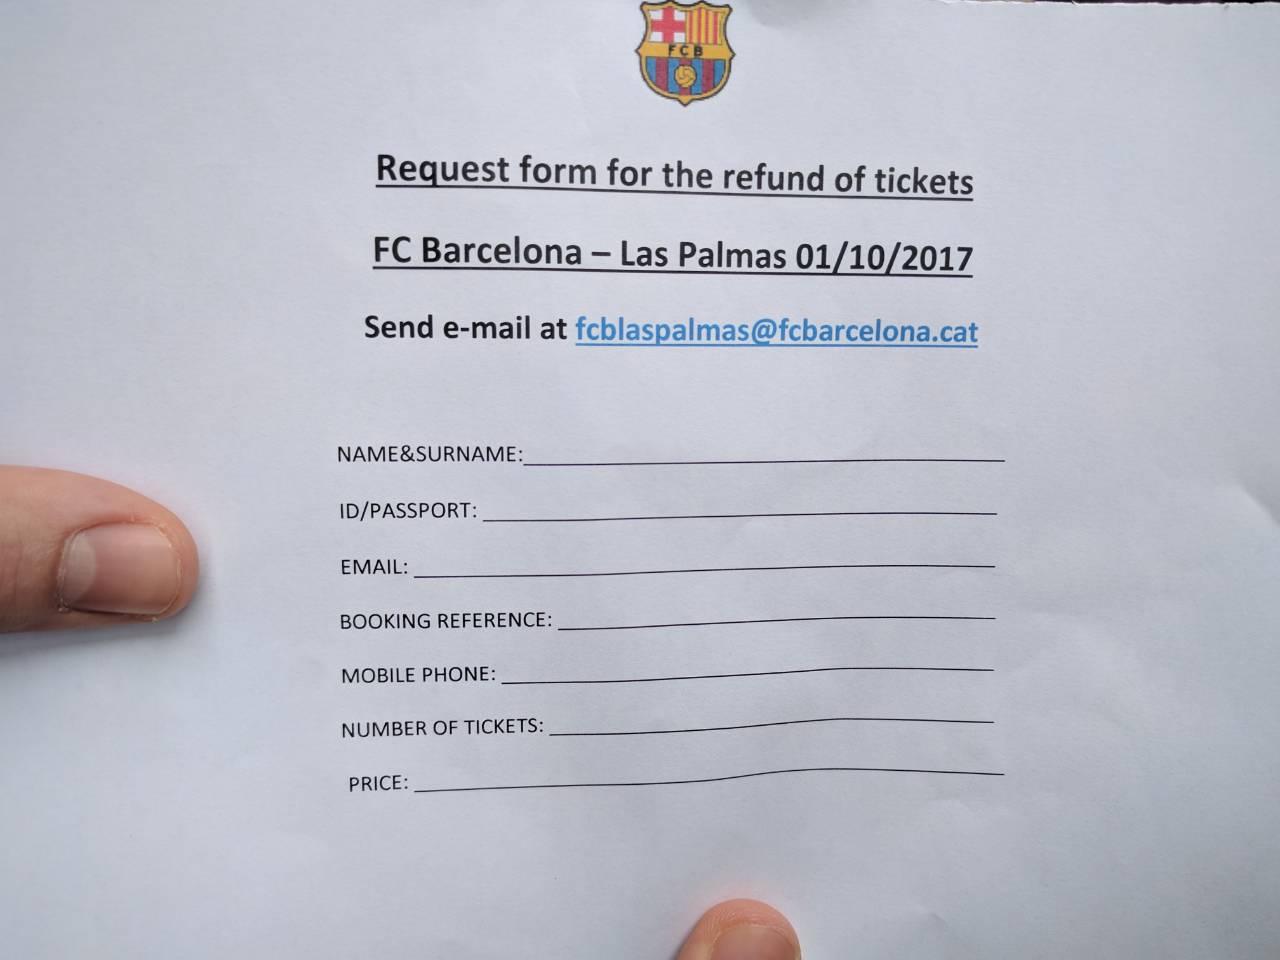 И Македонци дел од илјадниците фанови кои не успеаја да го гледаат натпреварот Барселона - Лас Палмас